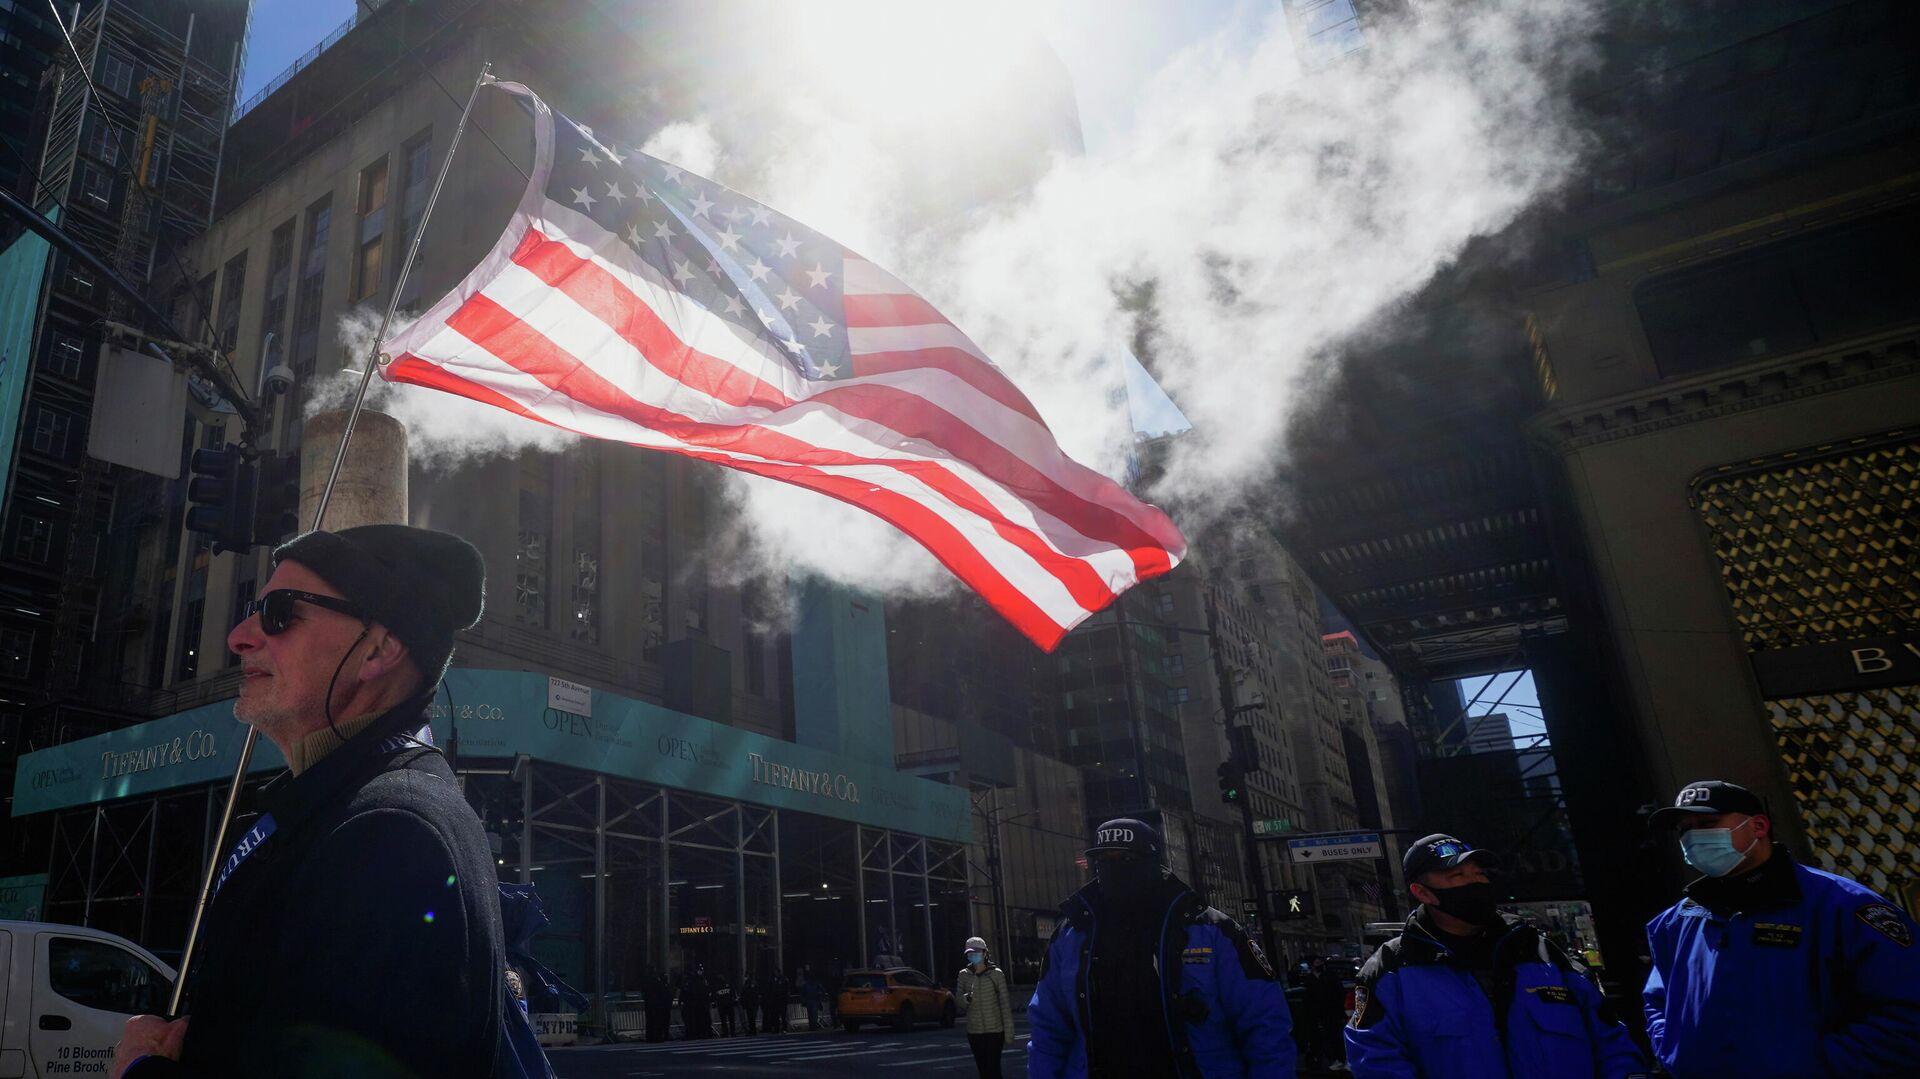 Участники митинга на 5-й авеню перед башней Трампа в Нью-Йорке - РИА Новости, 1920, 13.03.2021